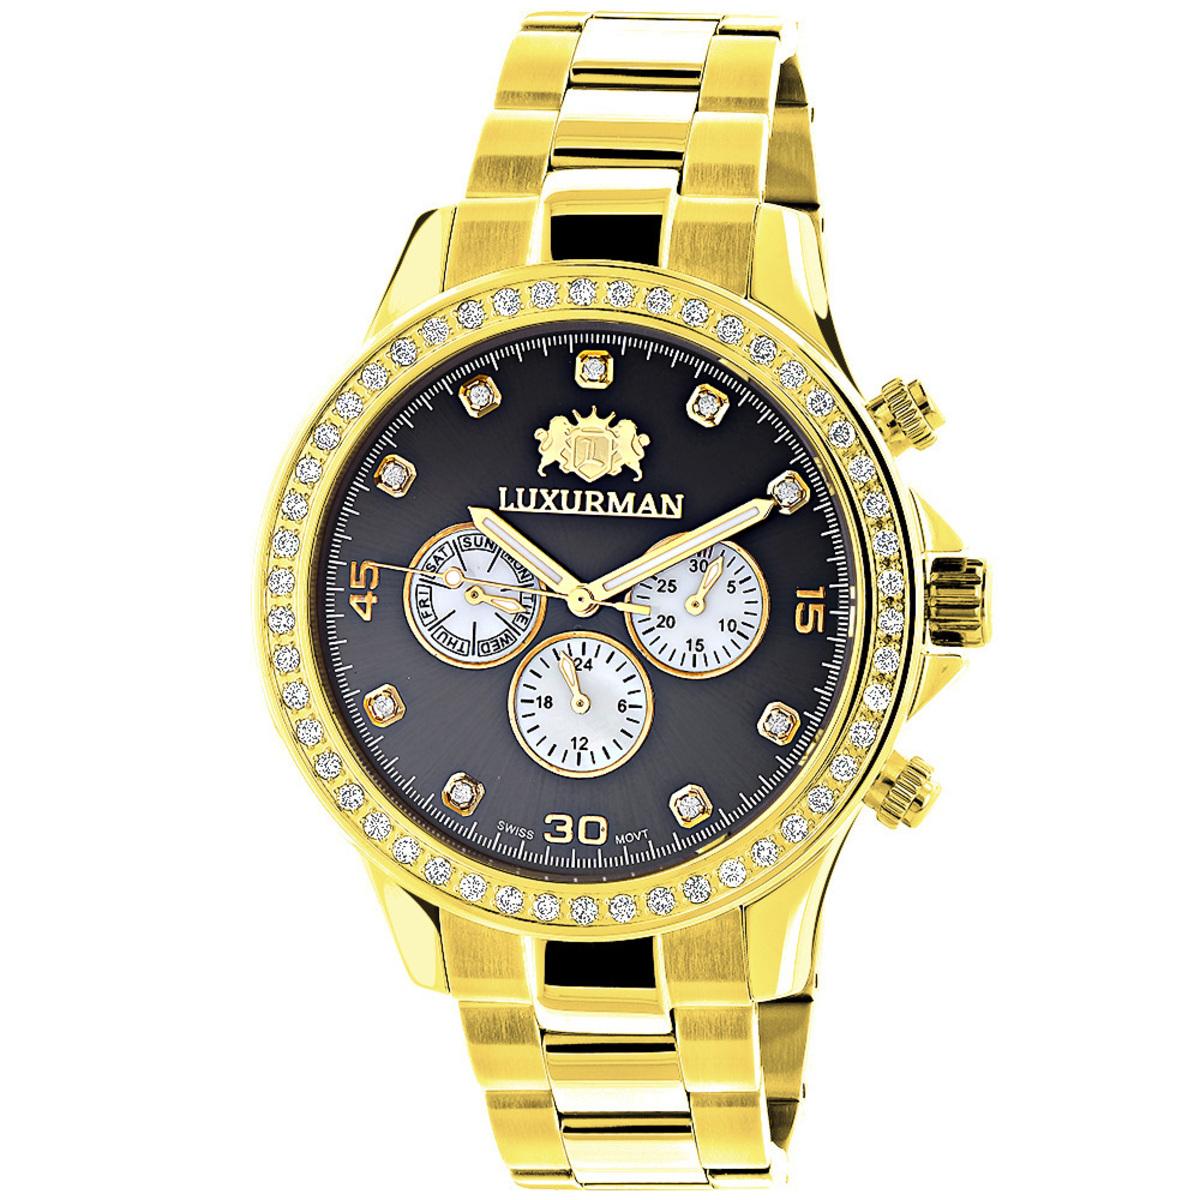 Large Diamond Bezel Watch by Luxurman 2ct Yellow Gold Tone Watches